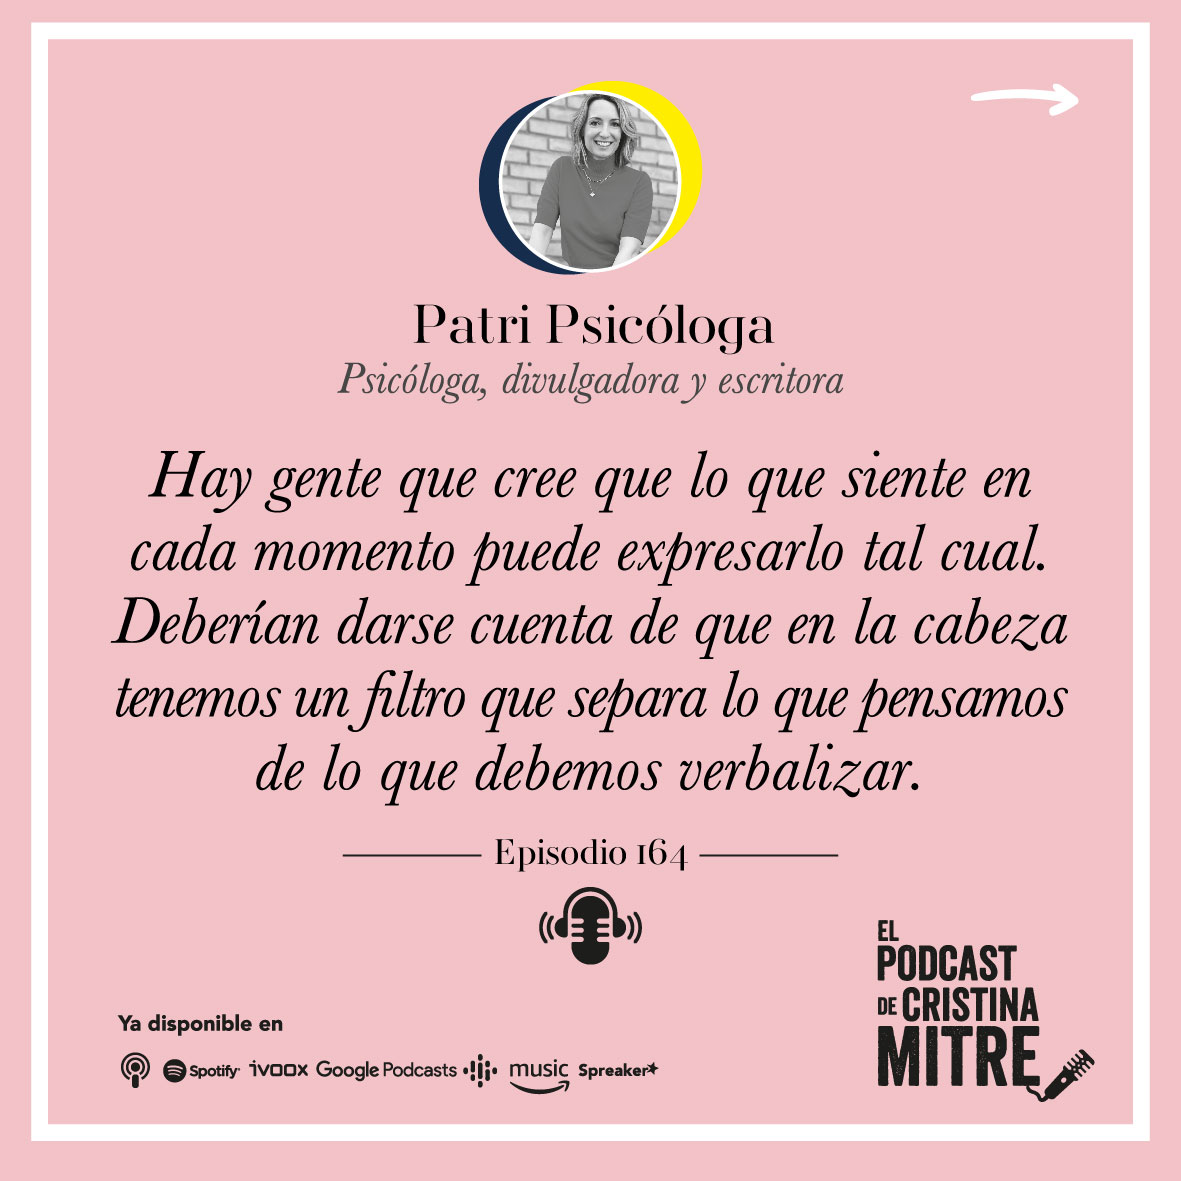 Patri Psicóloga envidia admiración Cristina Mitre